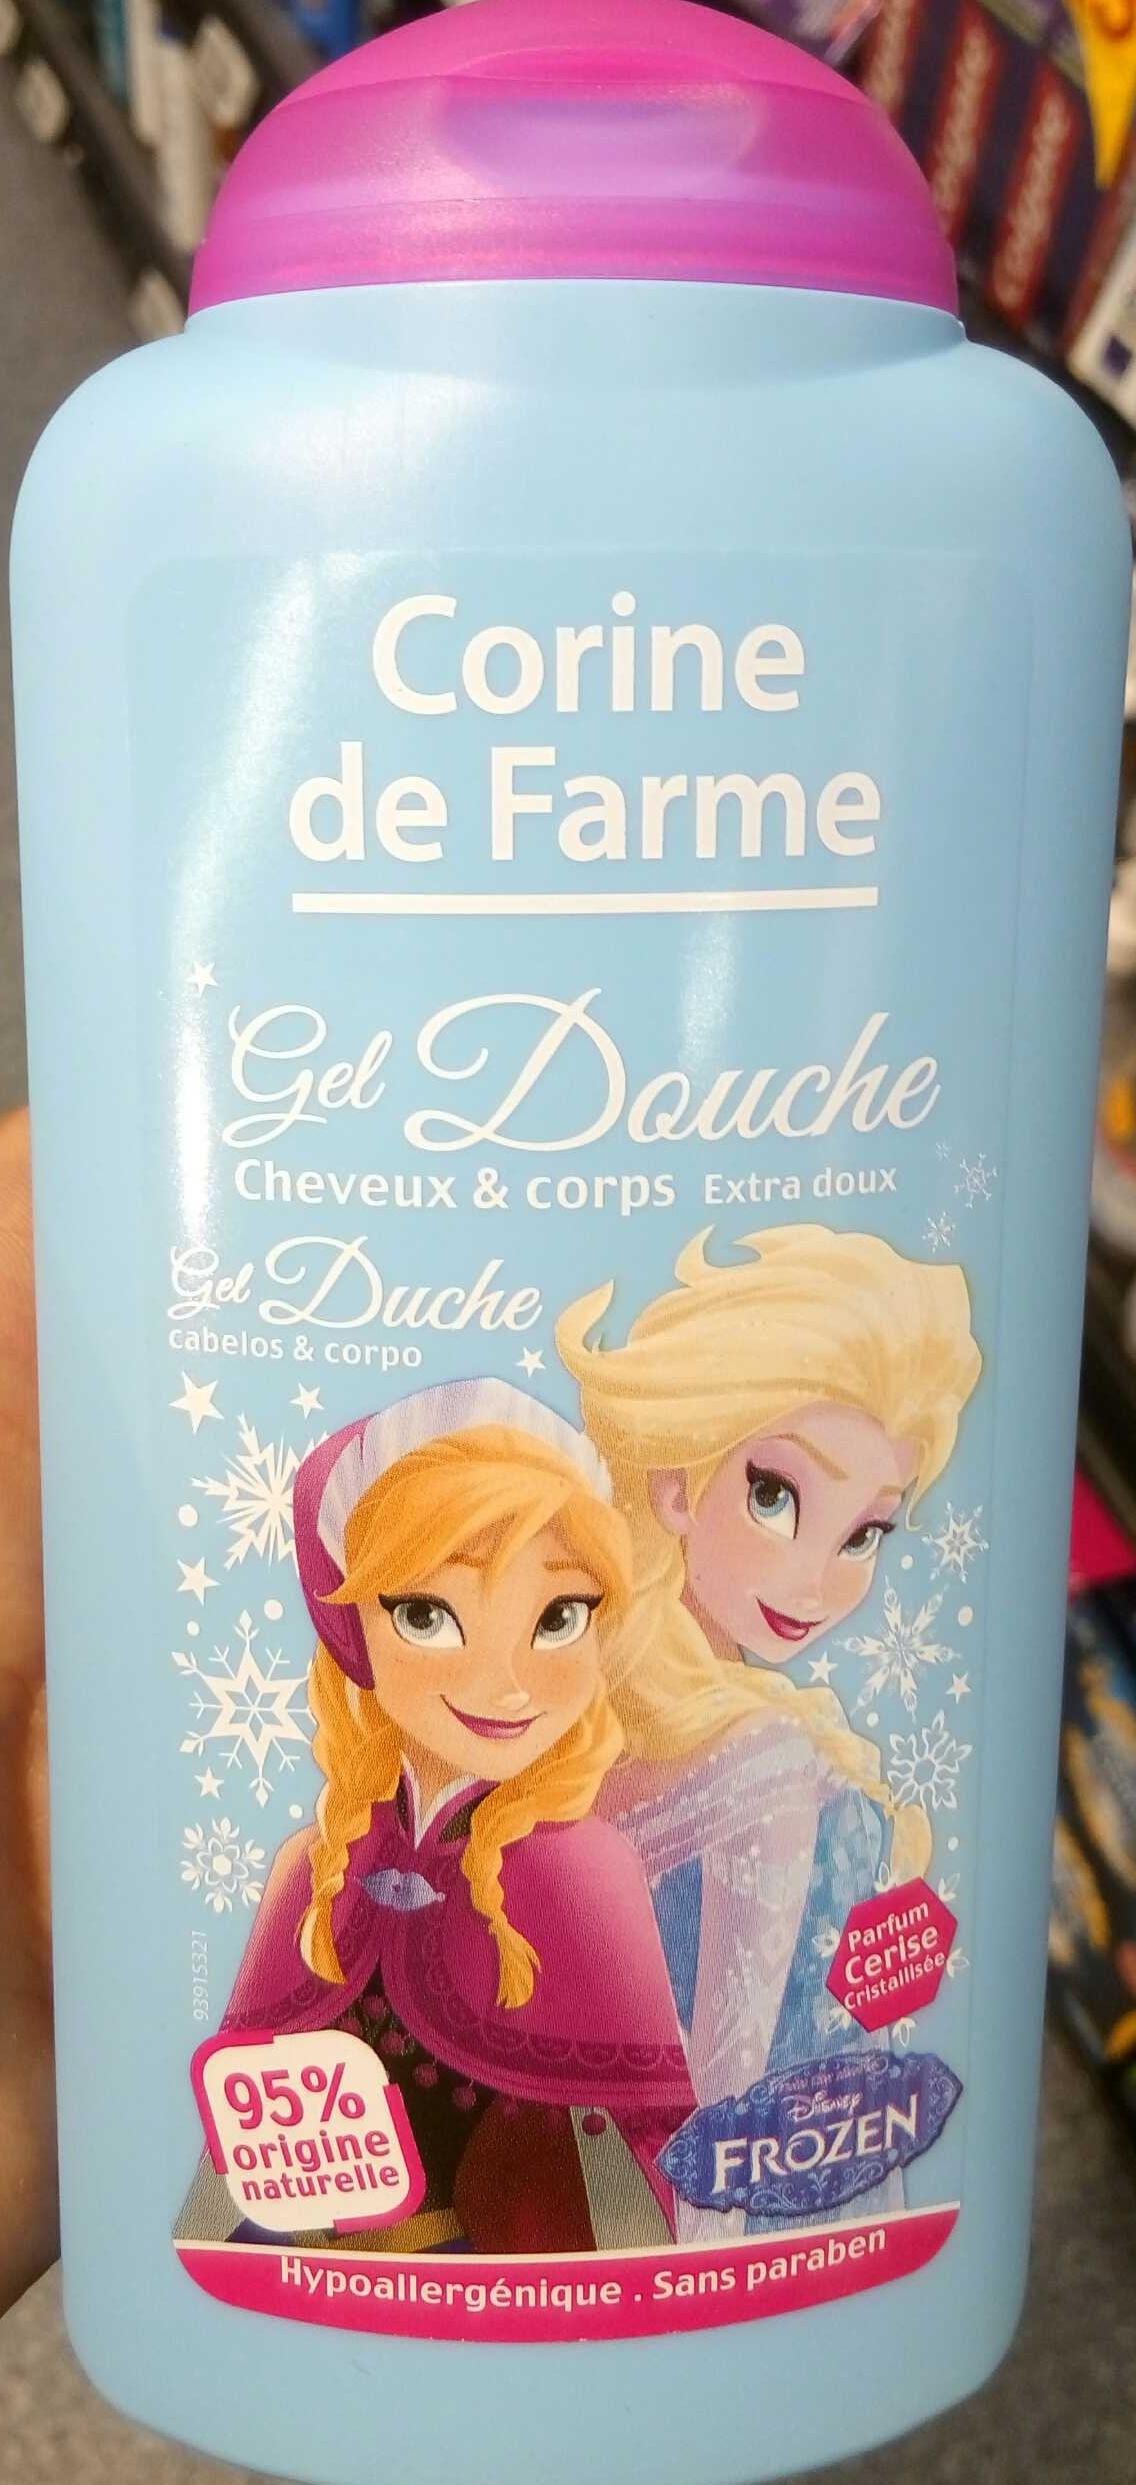 Gel douche cheveux et corps extra doux Parfum Cerise cristallisée - Product - en